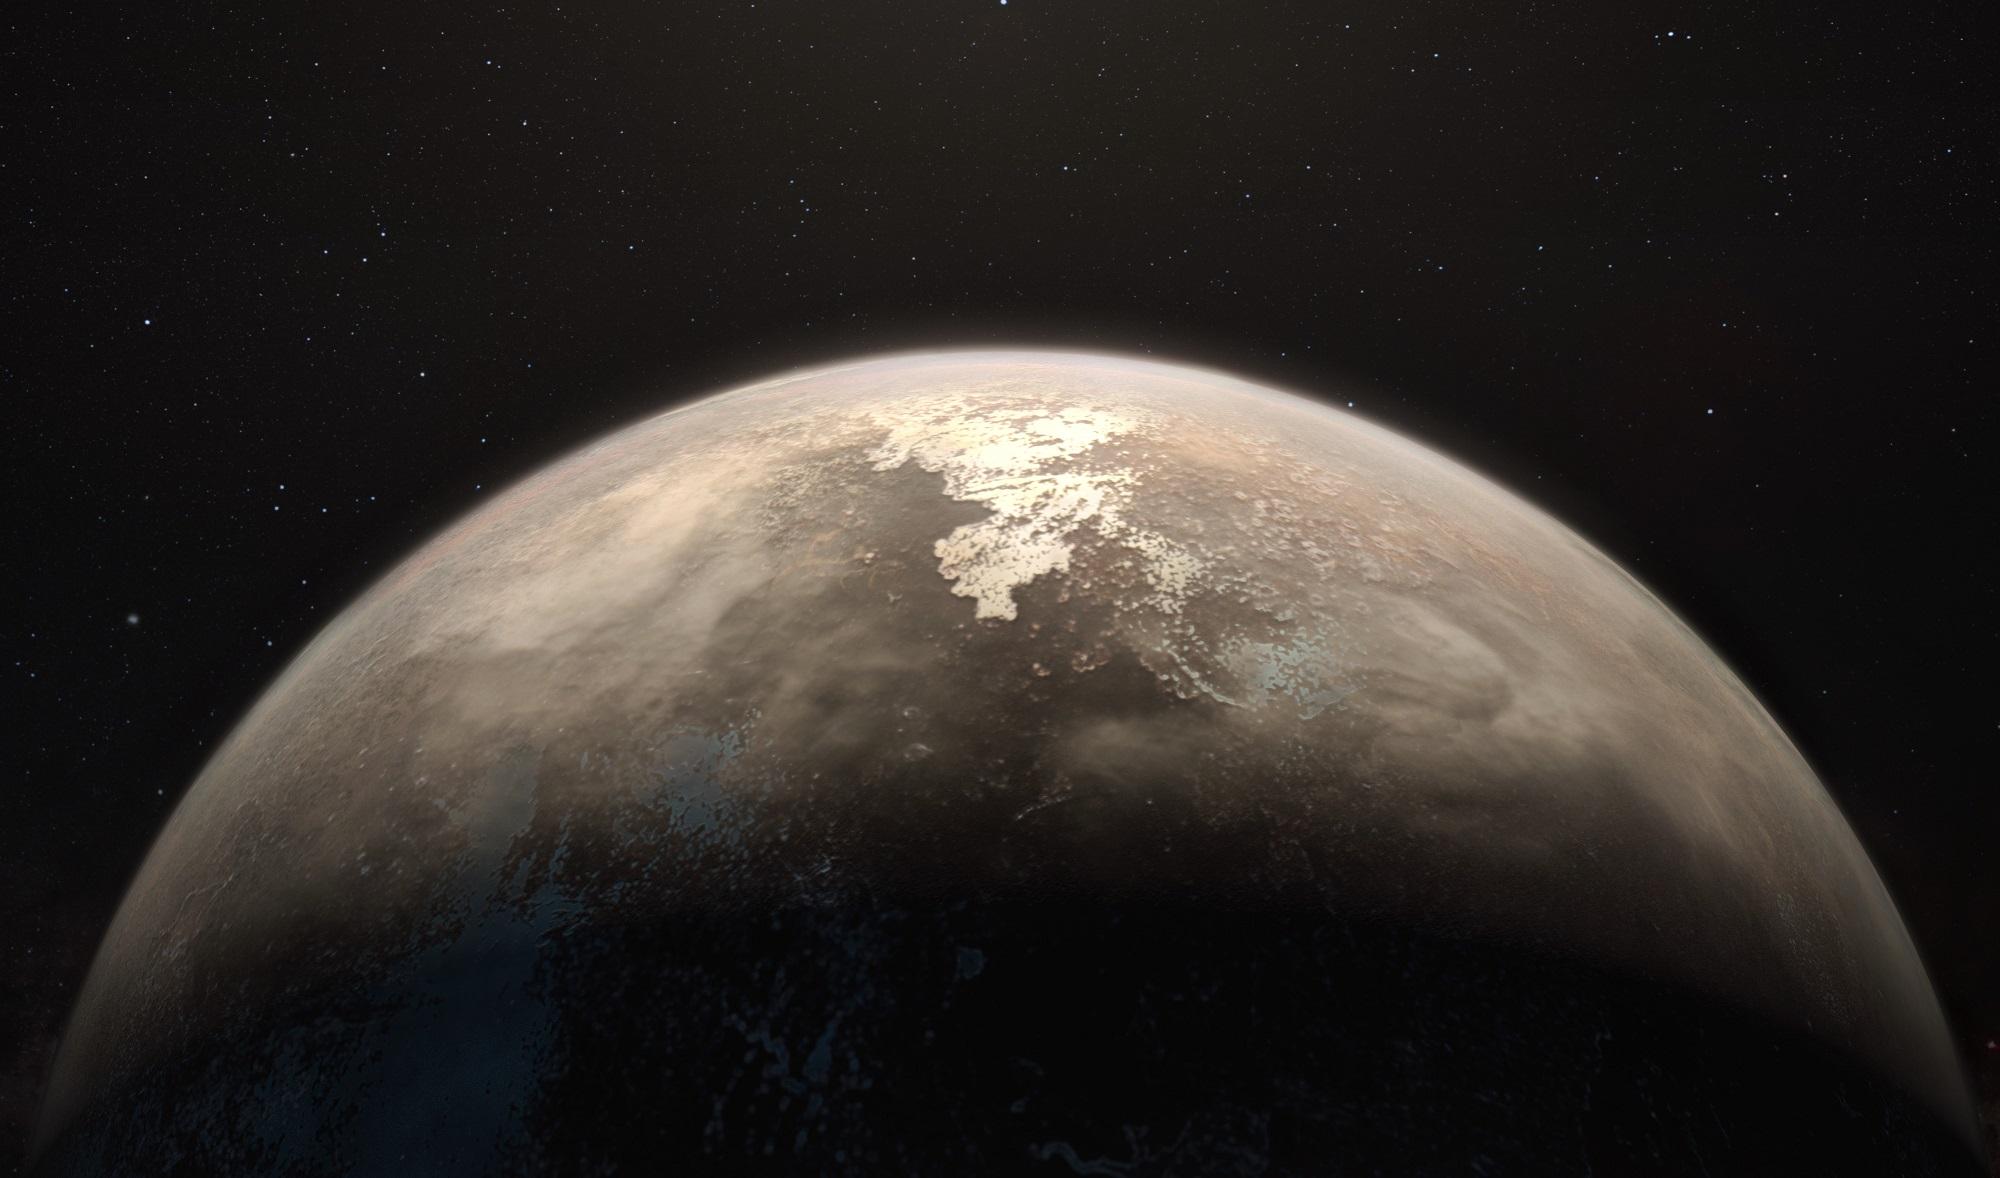 Ross 128 b, une exoplanète tempérée la plus proche de la Terre